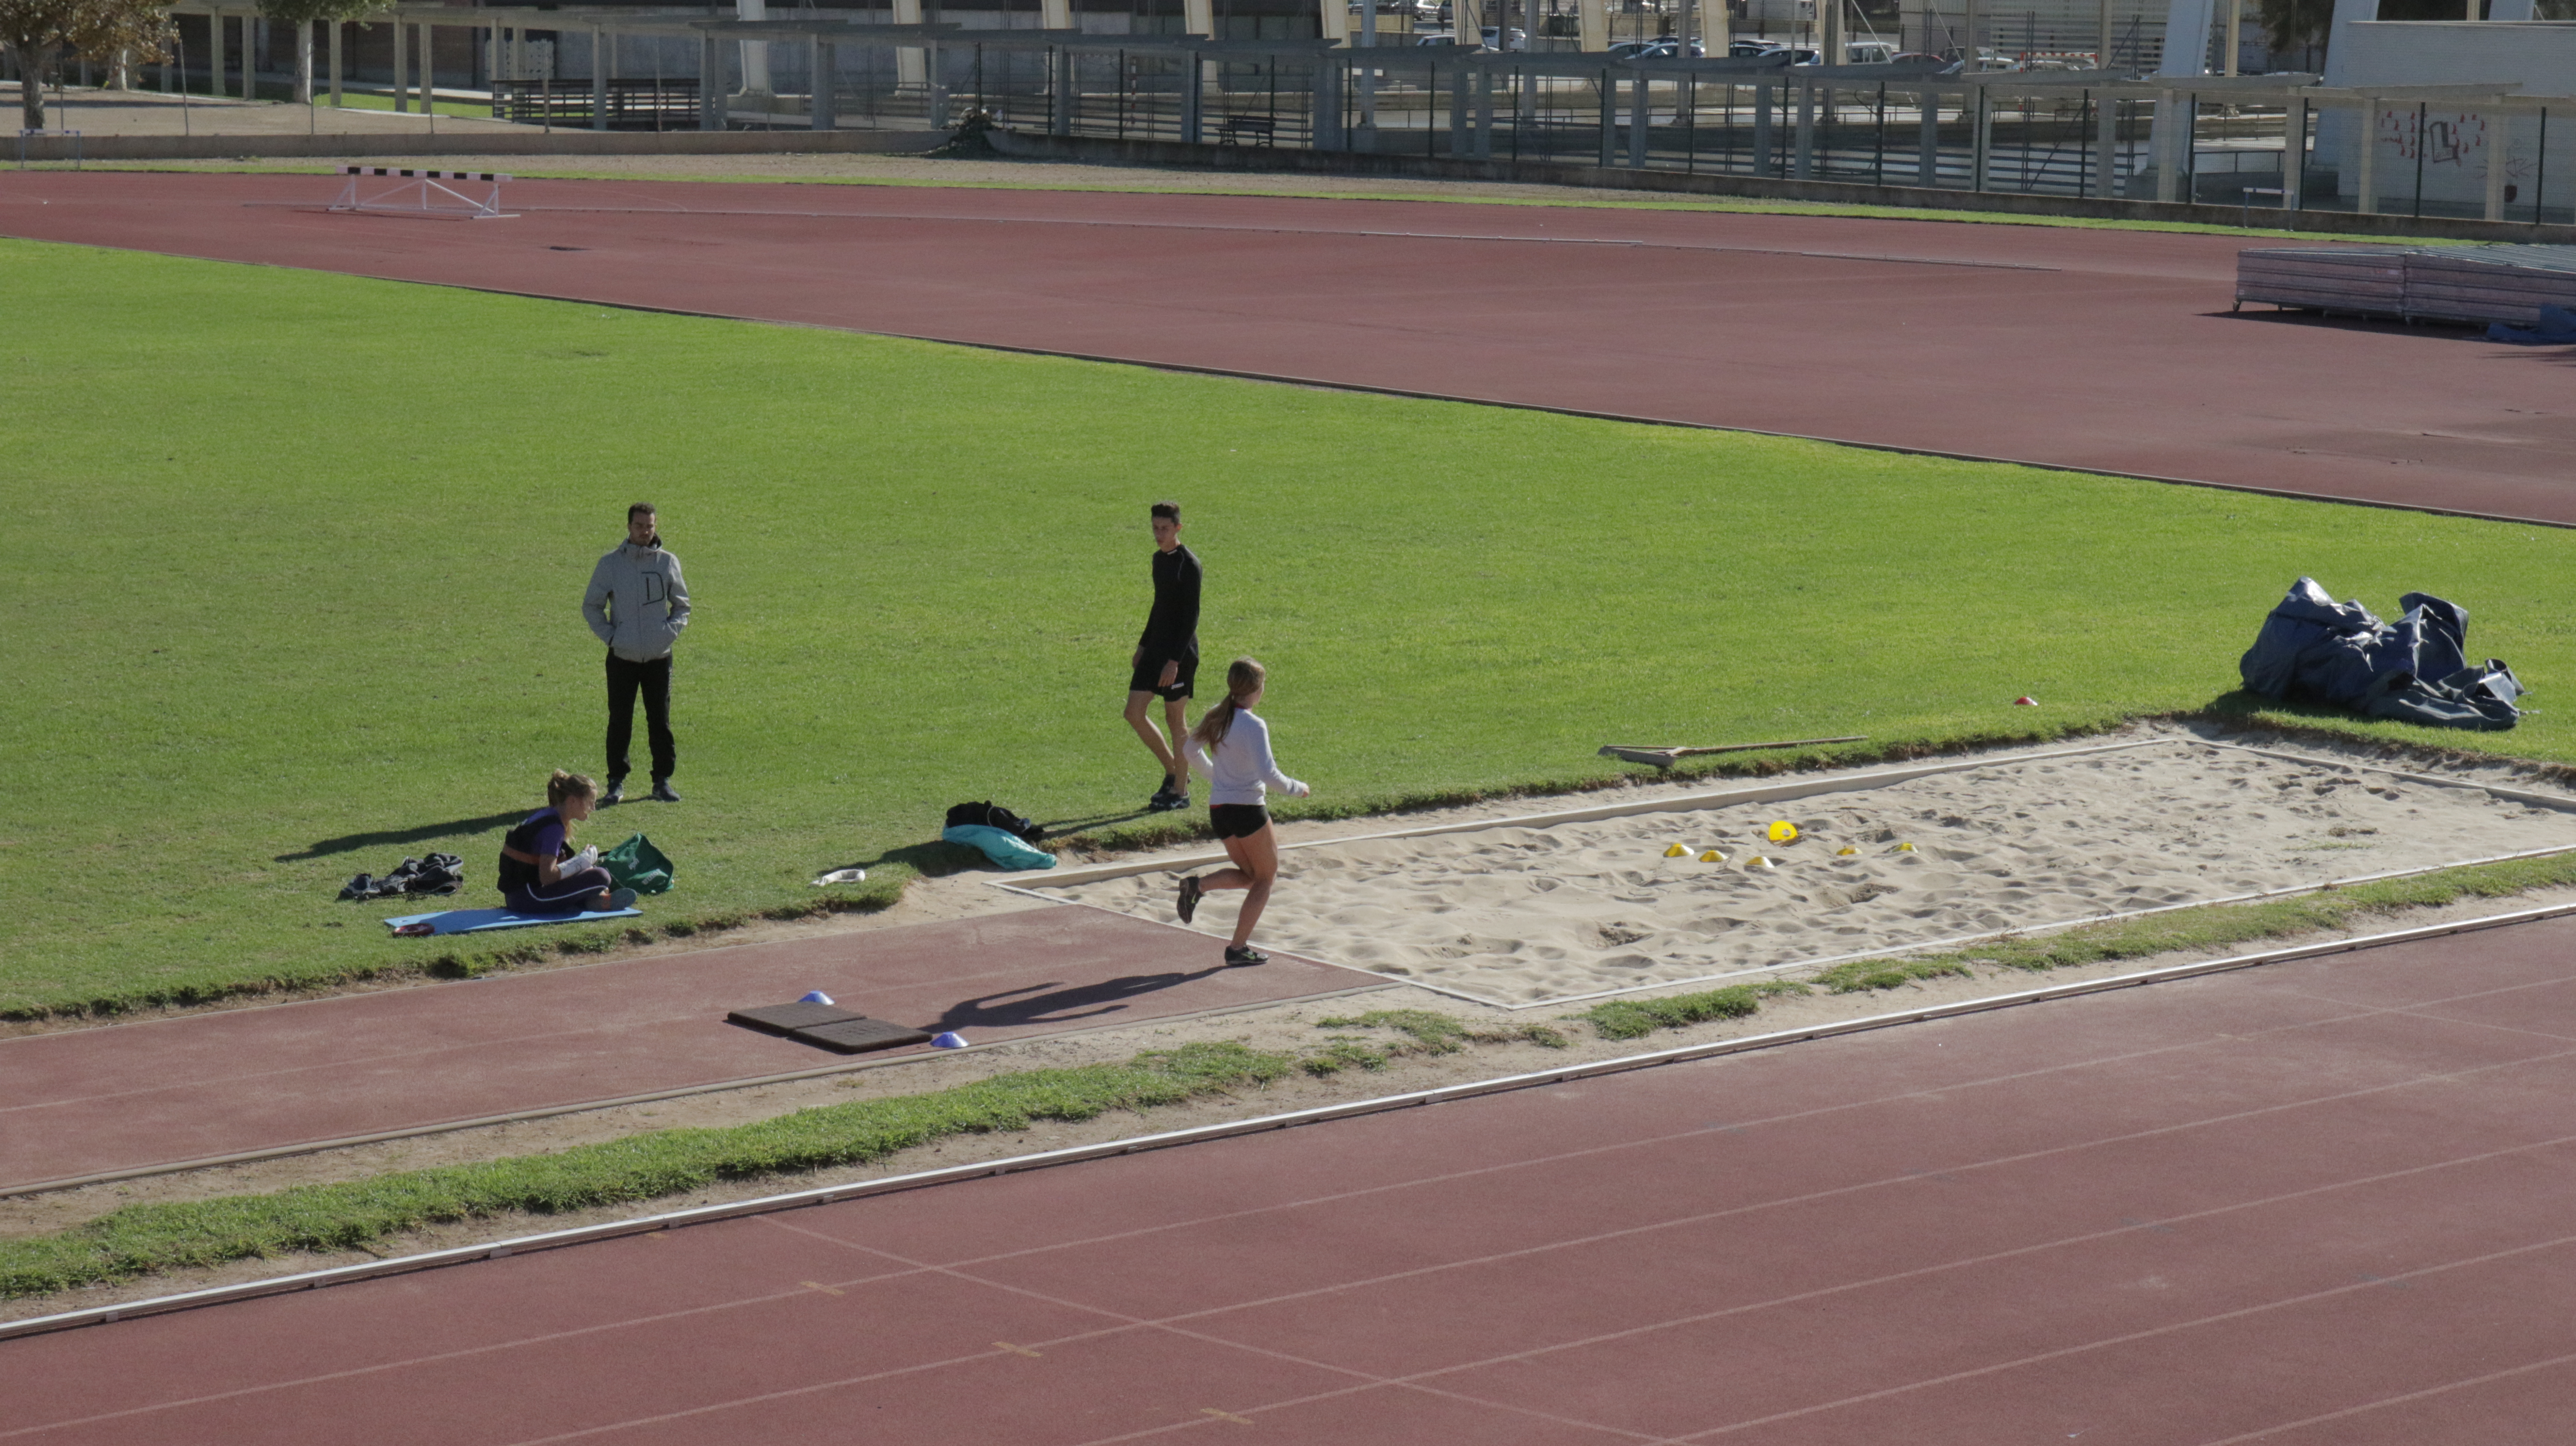 ¿Cuáles son los puntos fuertes de estudiar el Grado en Ciencias de la Actividad Física y el Deporte en EUSES Terres de l'Ebre? Inscríbete en la Jornada de Puertas Abiertas